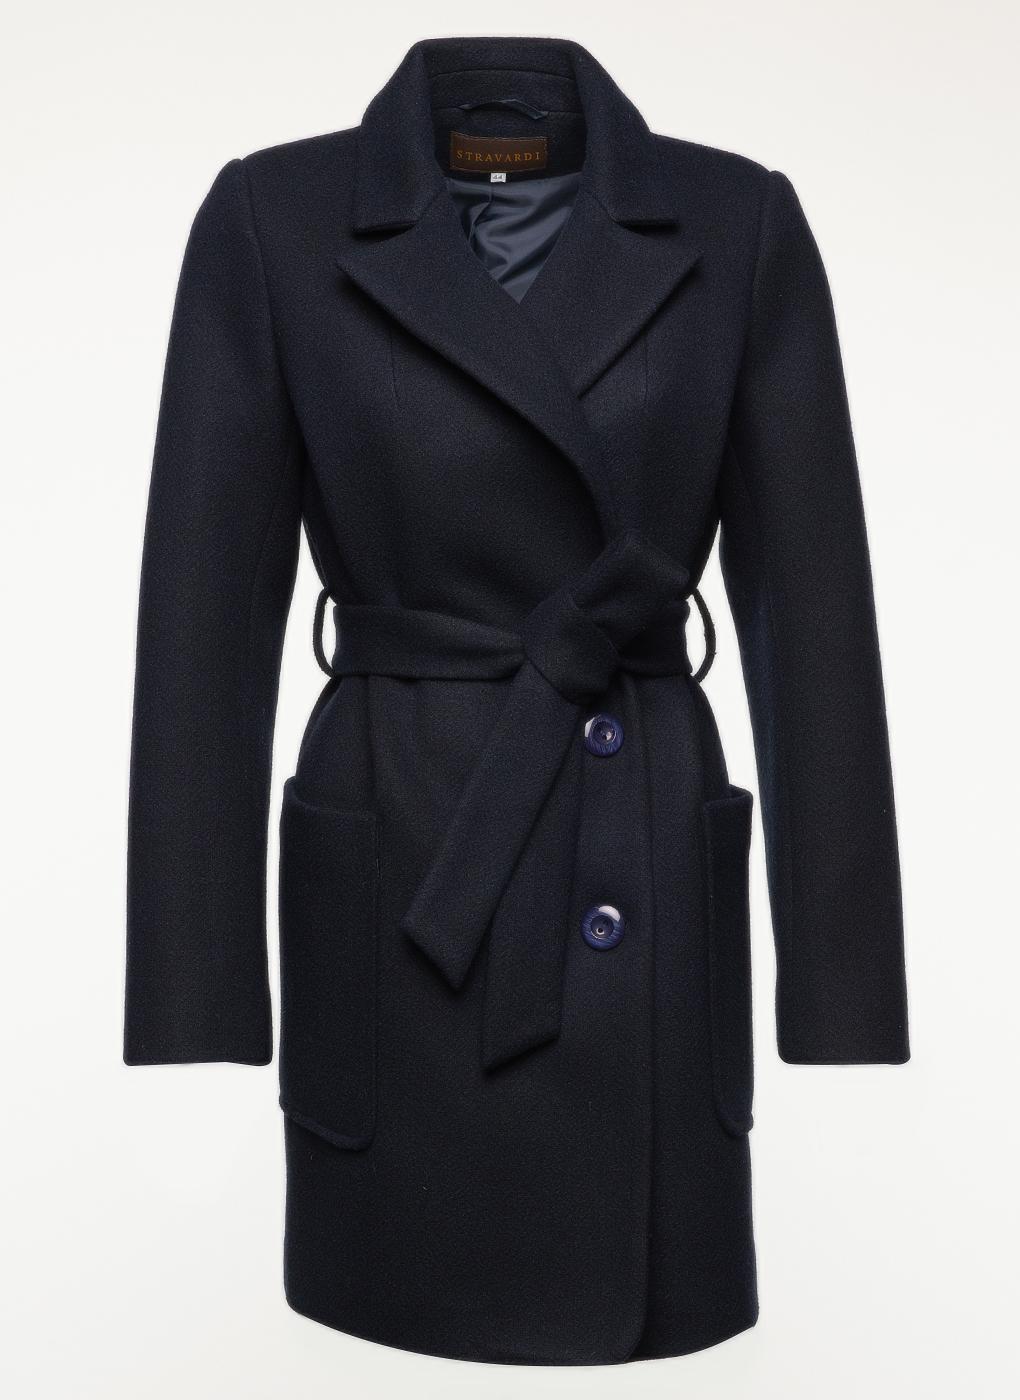 Пальто полушерстяное 28, Stravardi фото